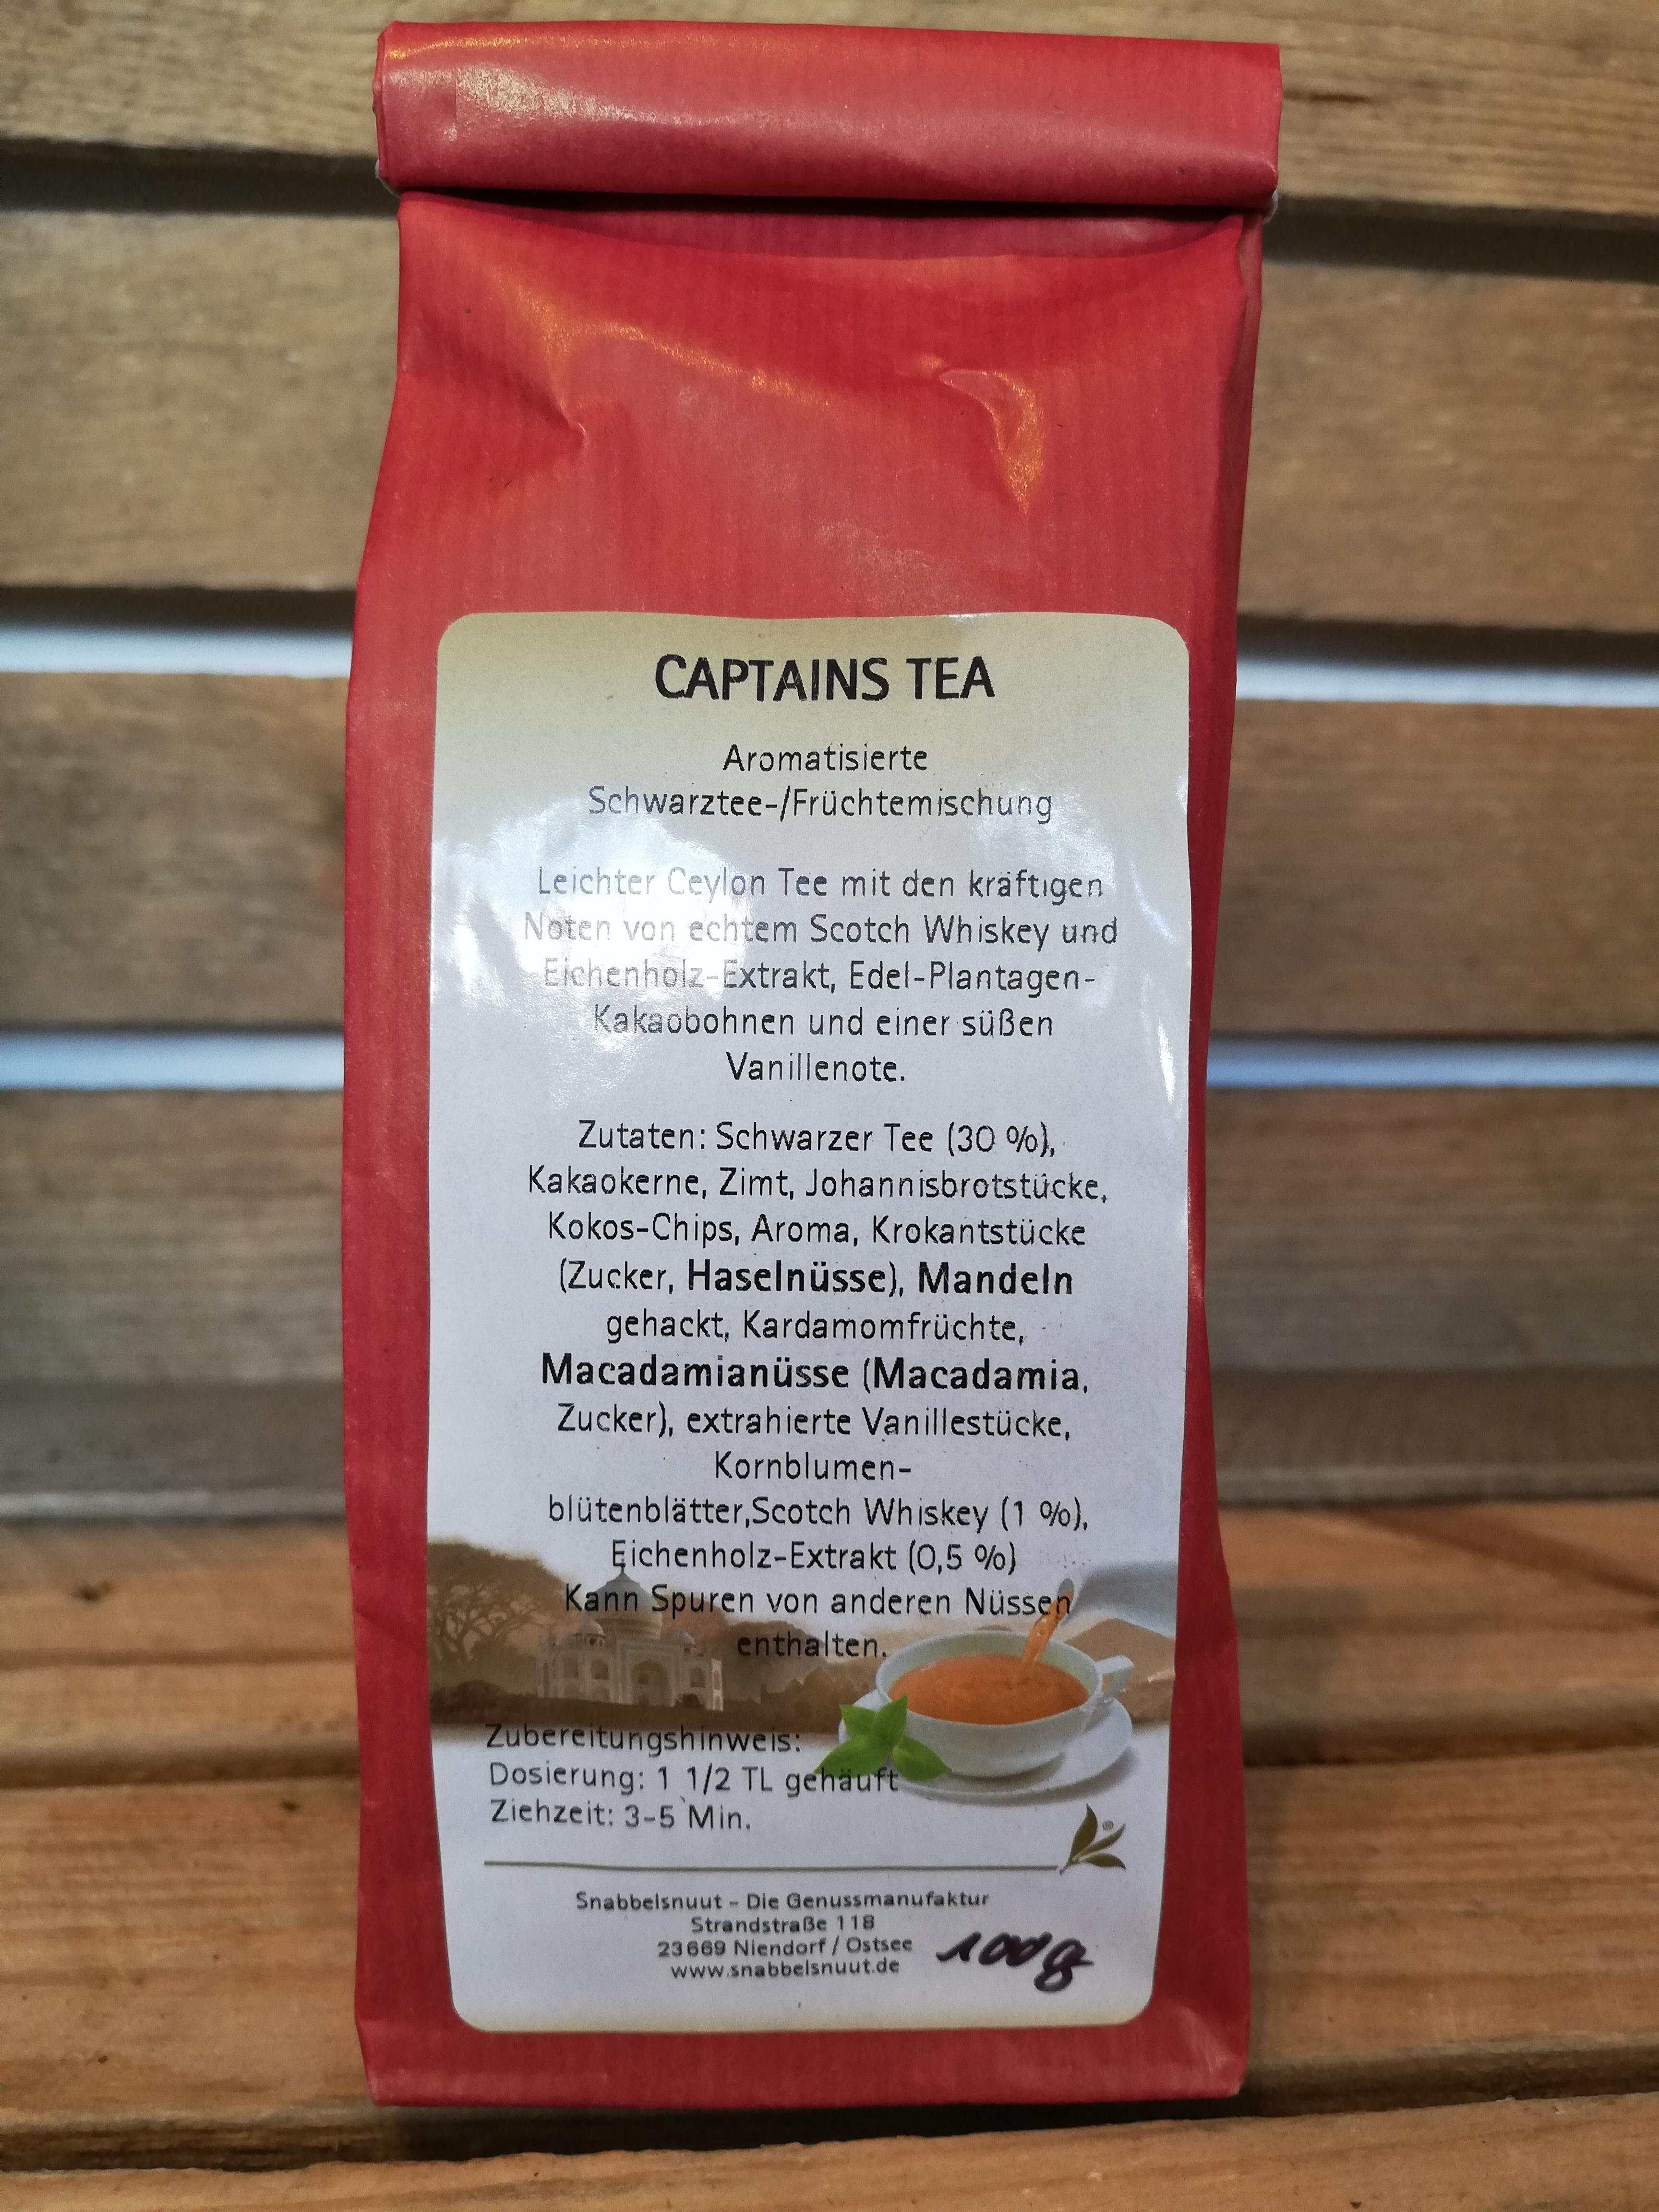 Captains Tea